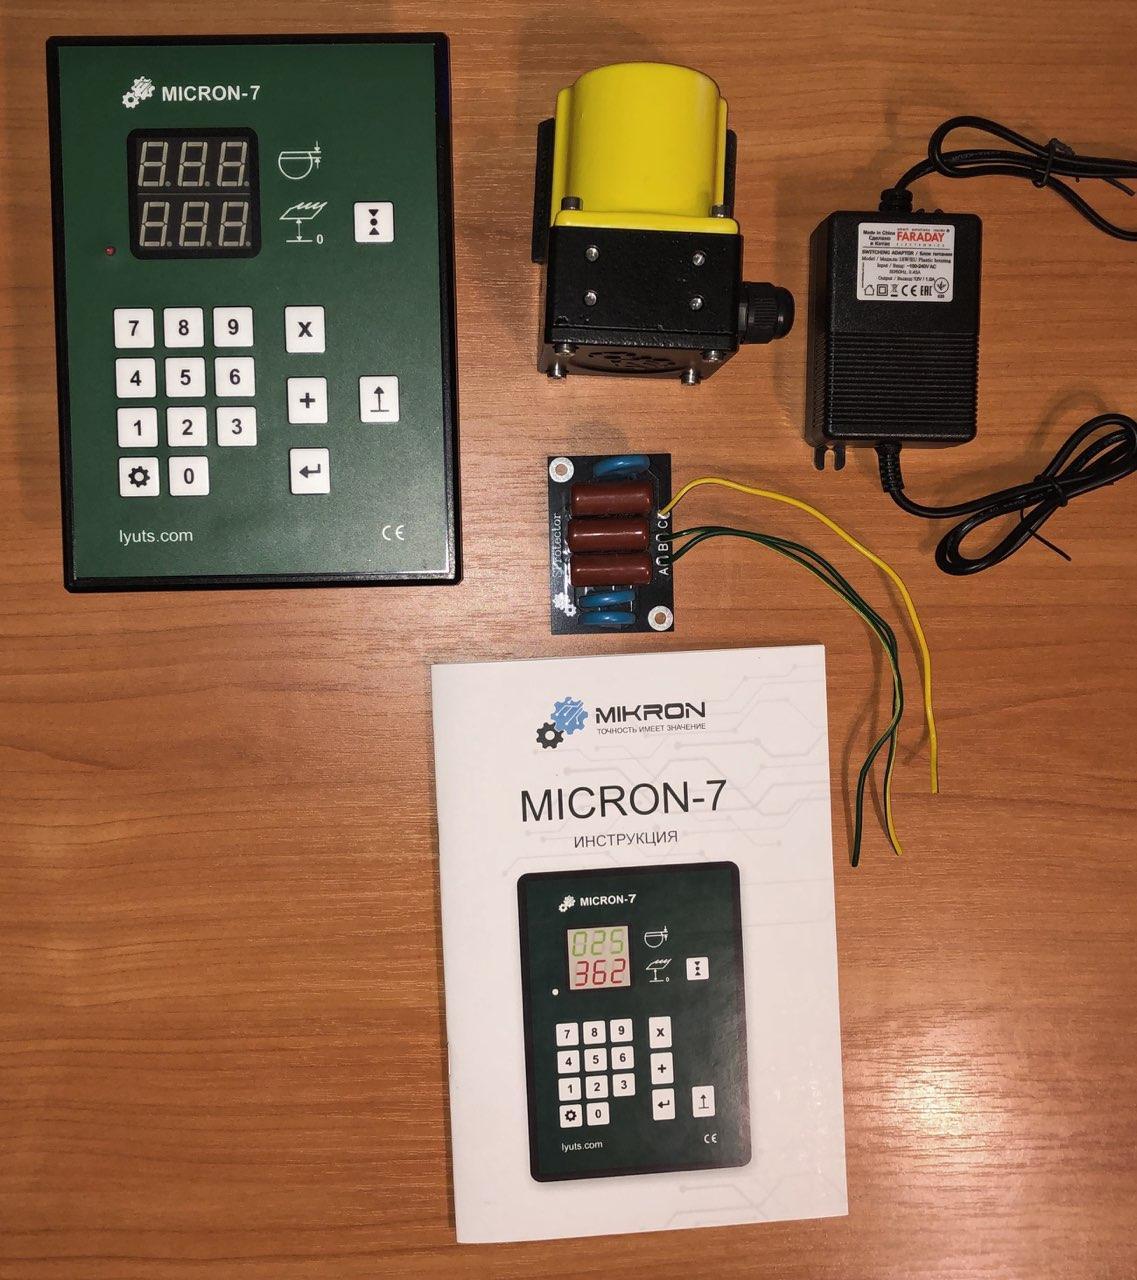 Електронна лінійка на пилораму Micron-7 + PRT-300 датчик